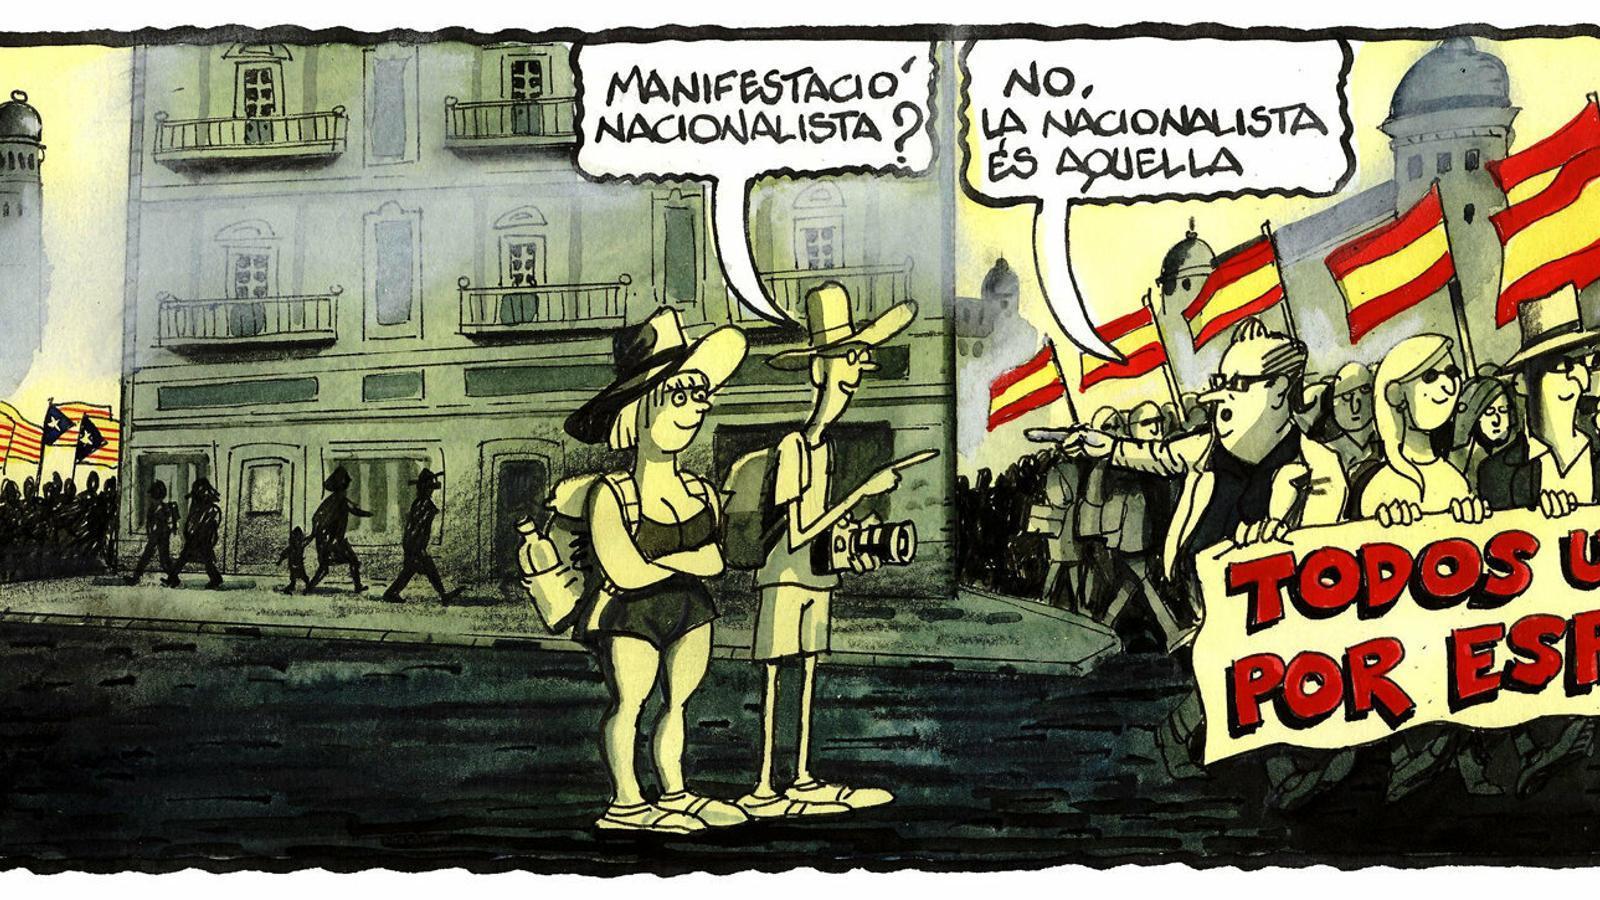 'A la contra', per Ferreres 30/10/2019